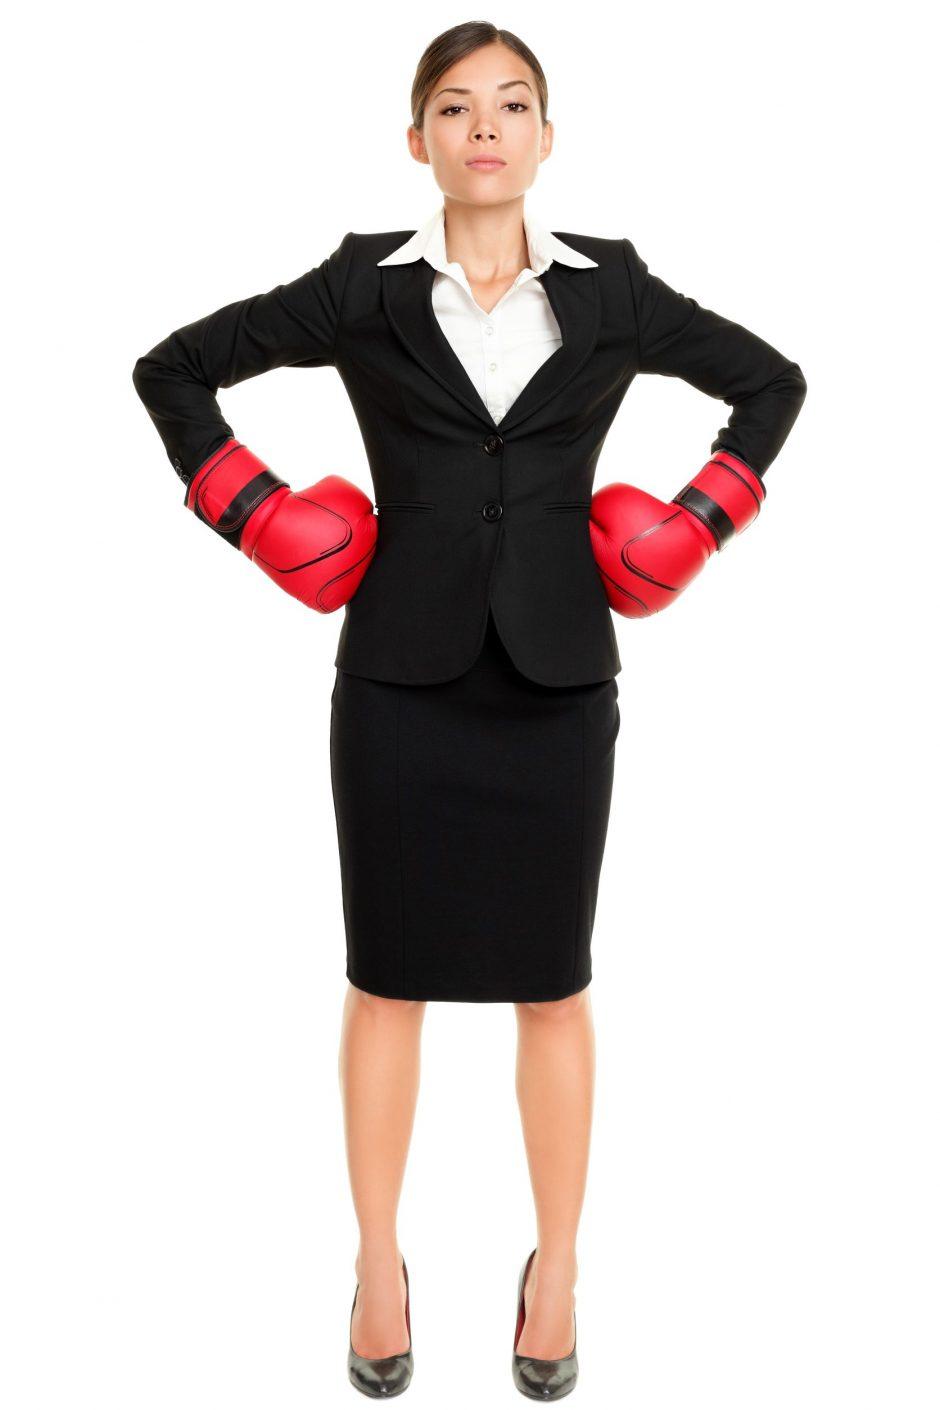 Sparčiai populiarėjantis pykčio valdymo metodas – destrukcinė terapija